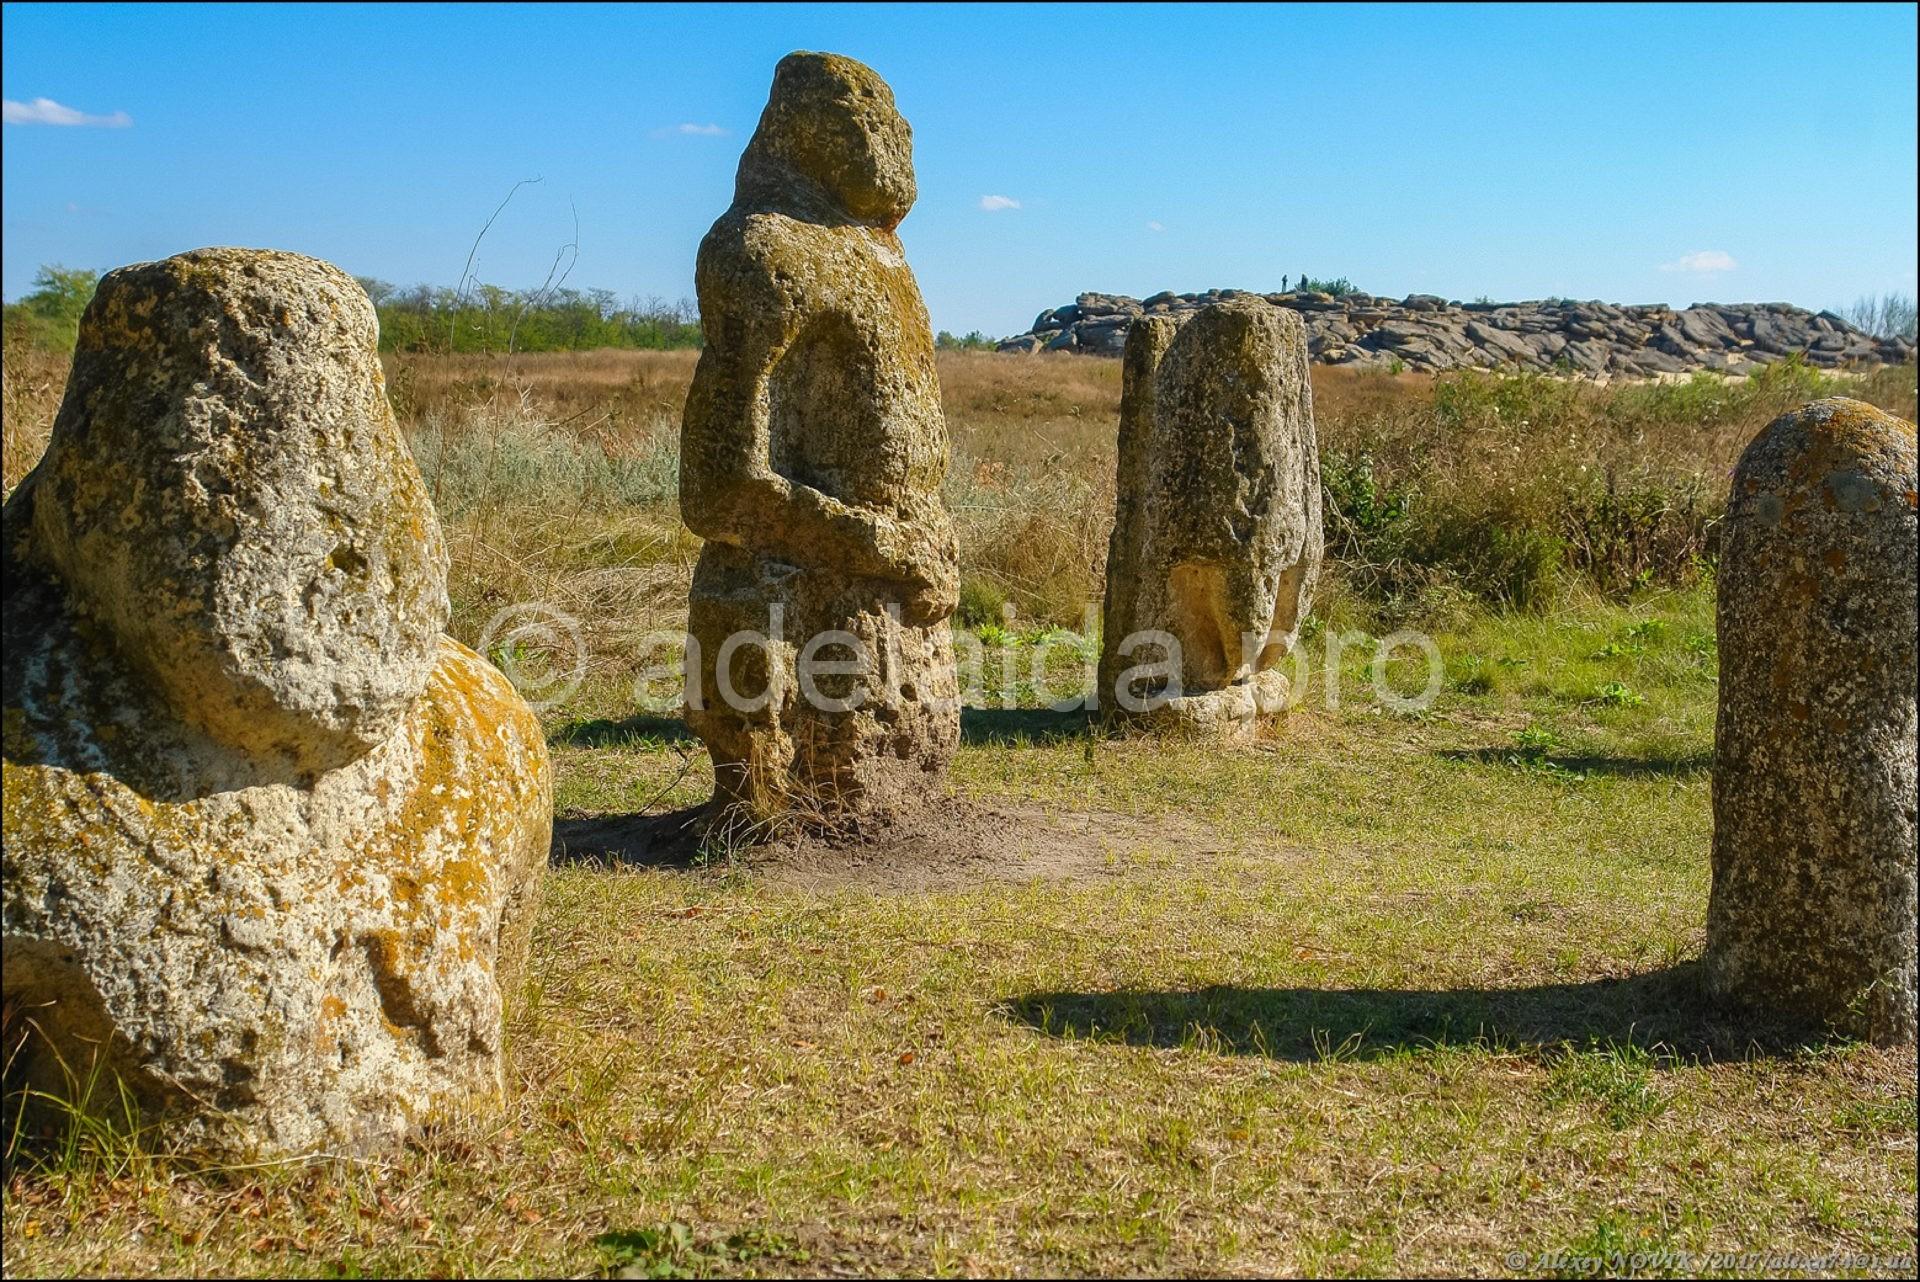 Каменная могила, украинский аналог Стоунхенджа